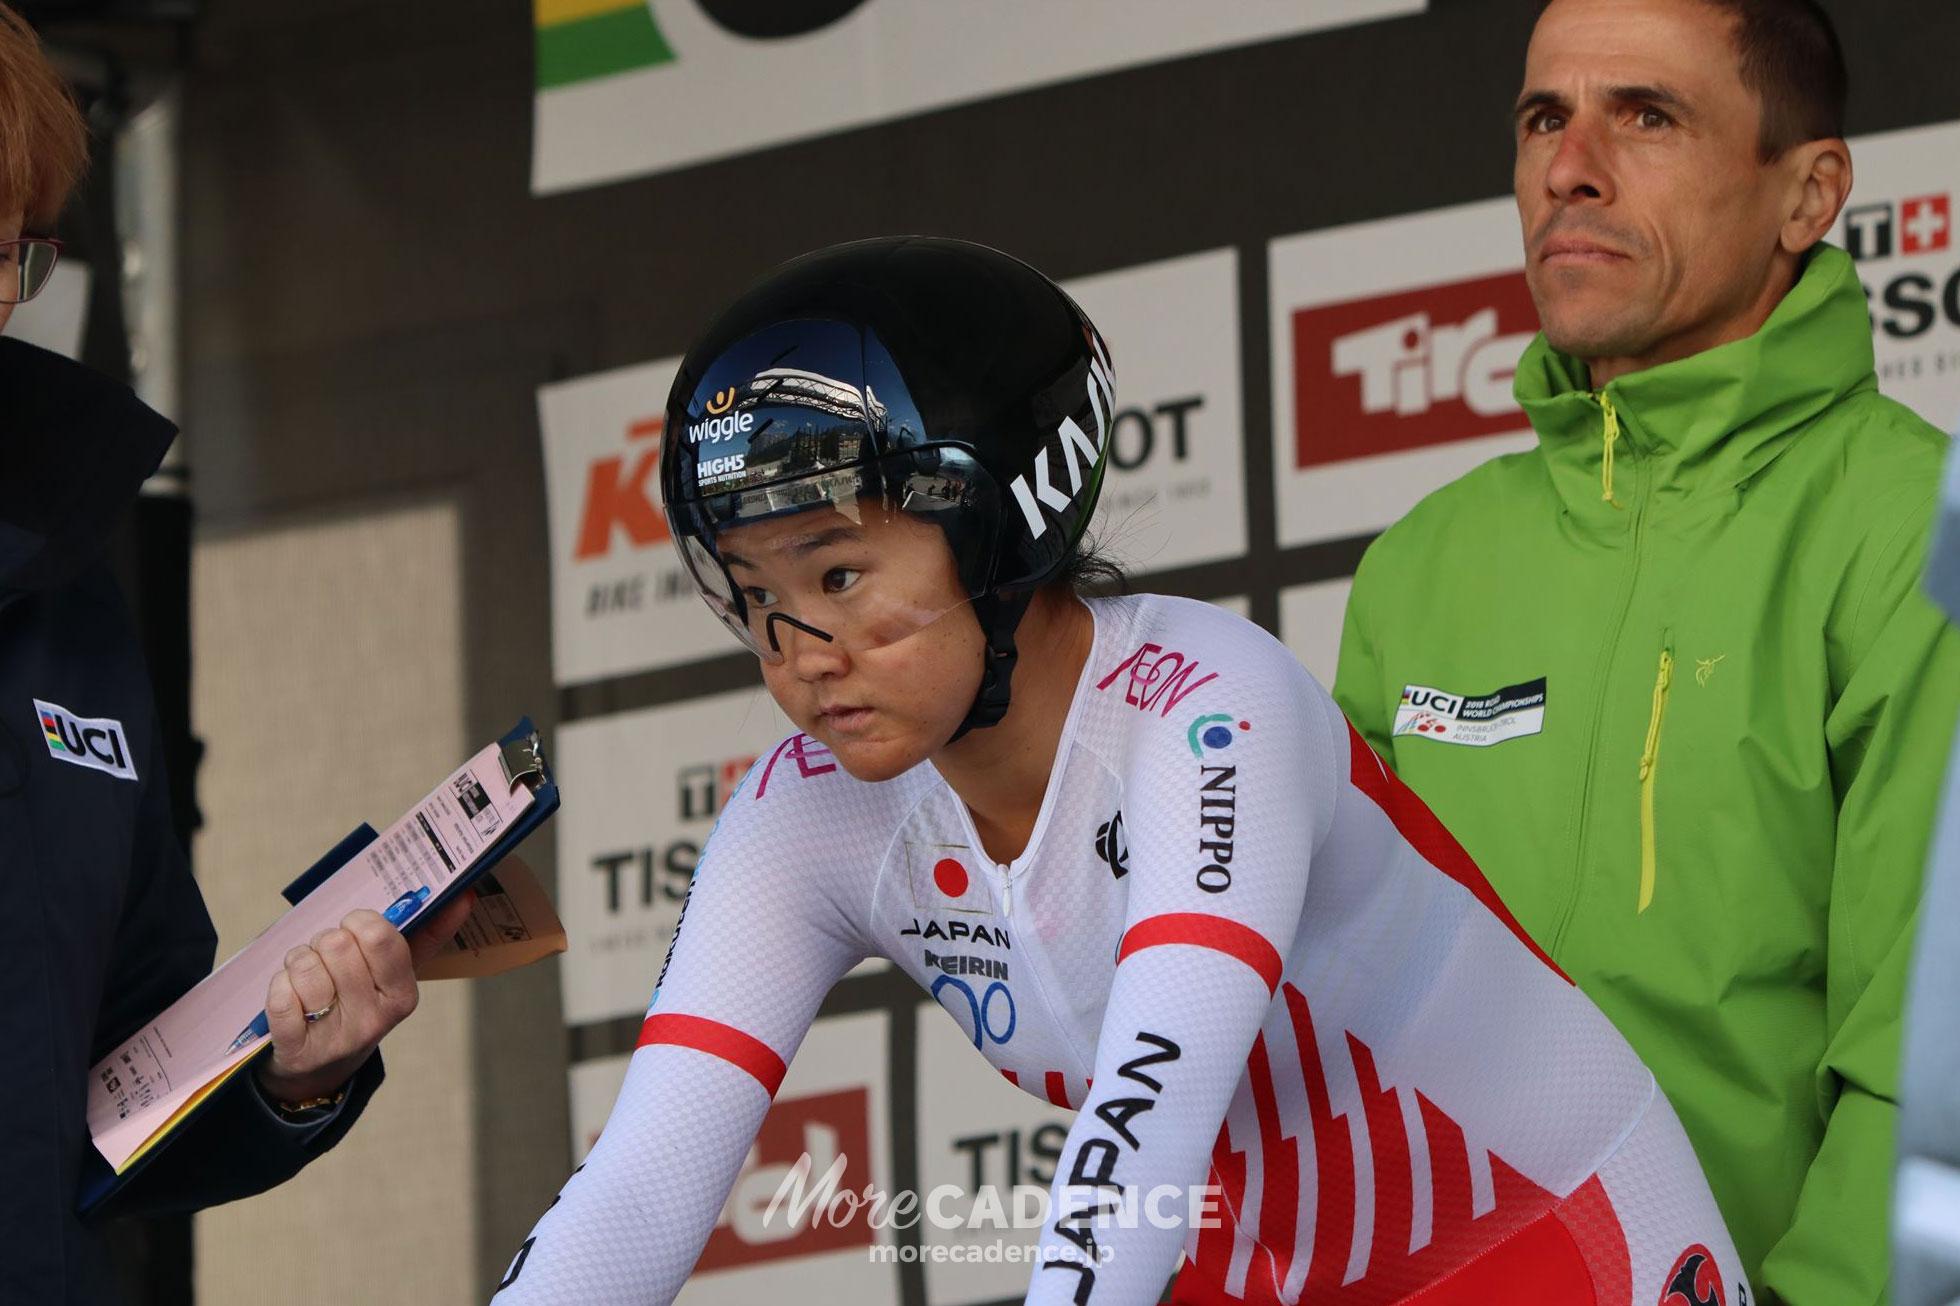 2018ロード世界選手権女子エリート個人TTスタート前の與那嶺恵理